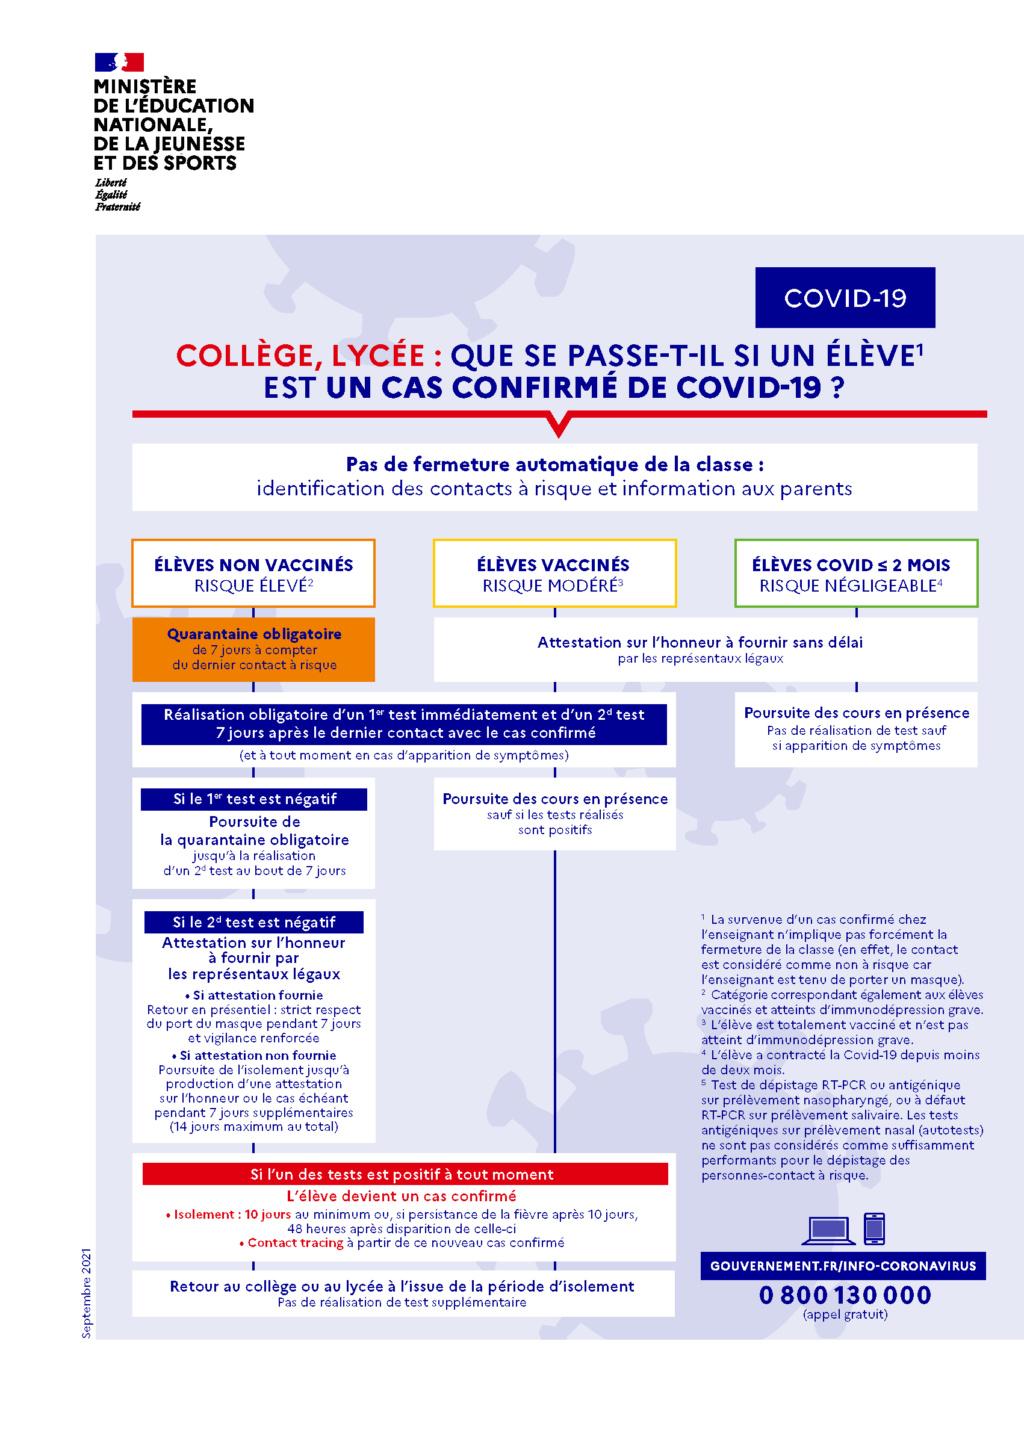 Gestion de la crise du Coronavirus dans l'Éducation Nationale - Page 23 Coll-g10